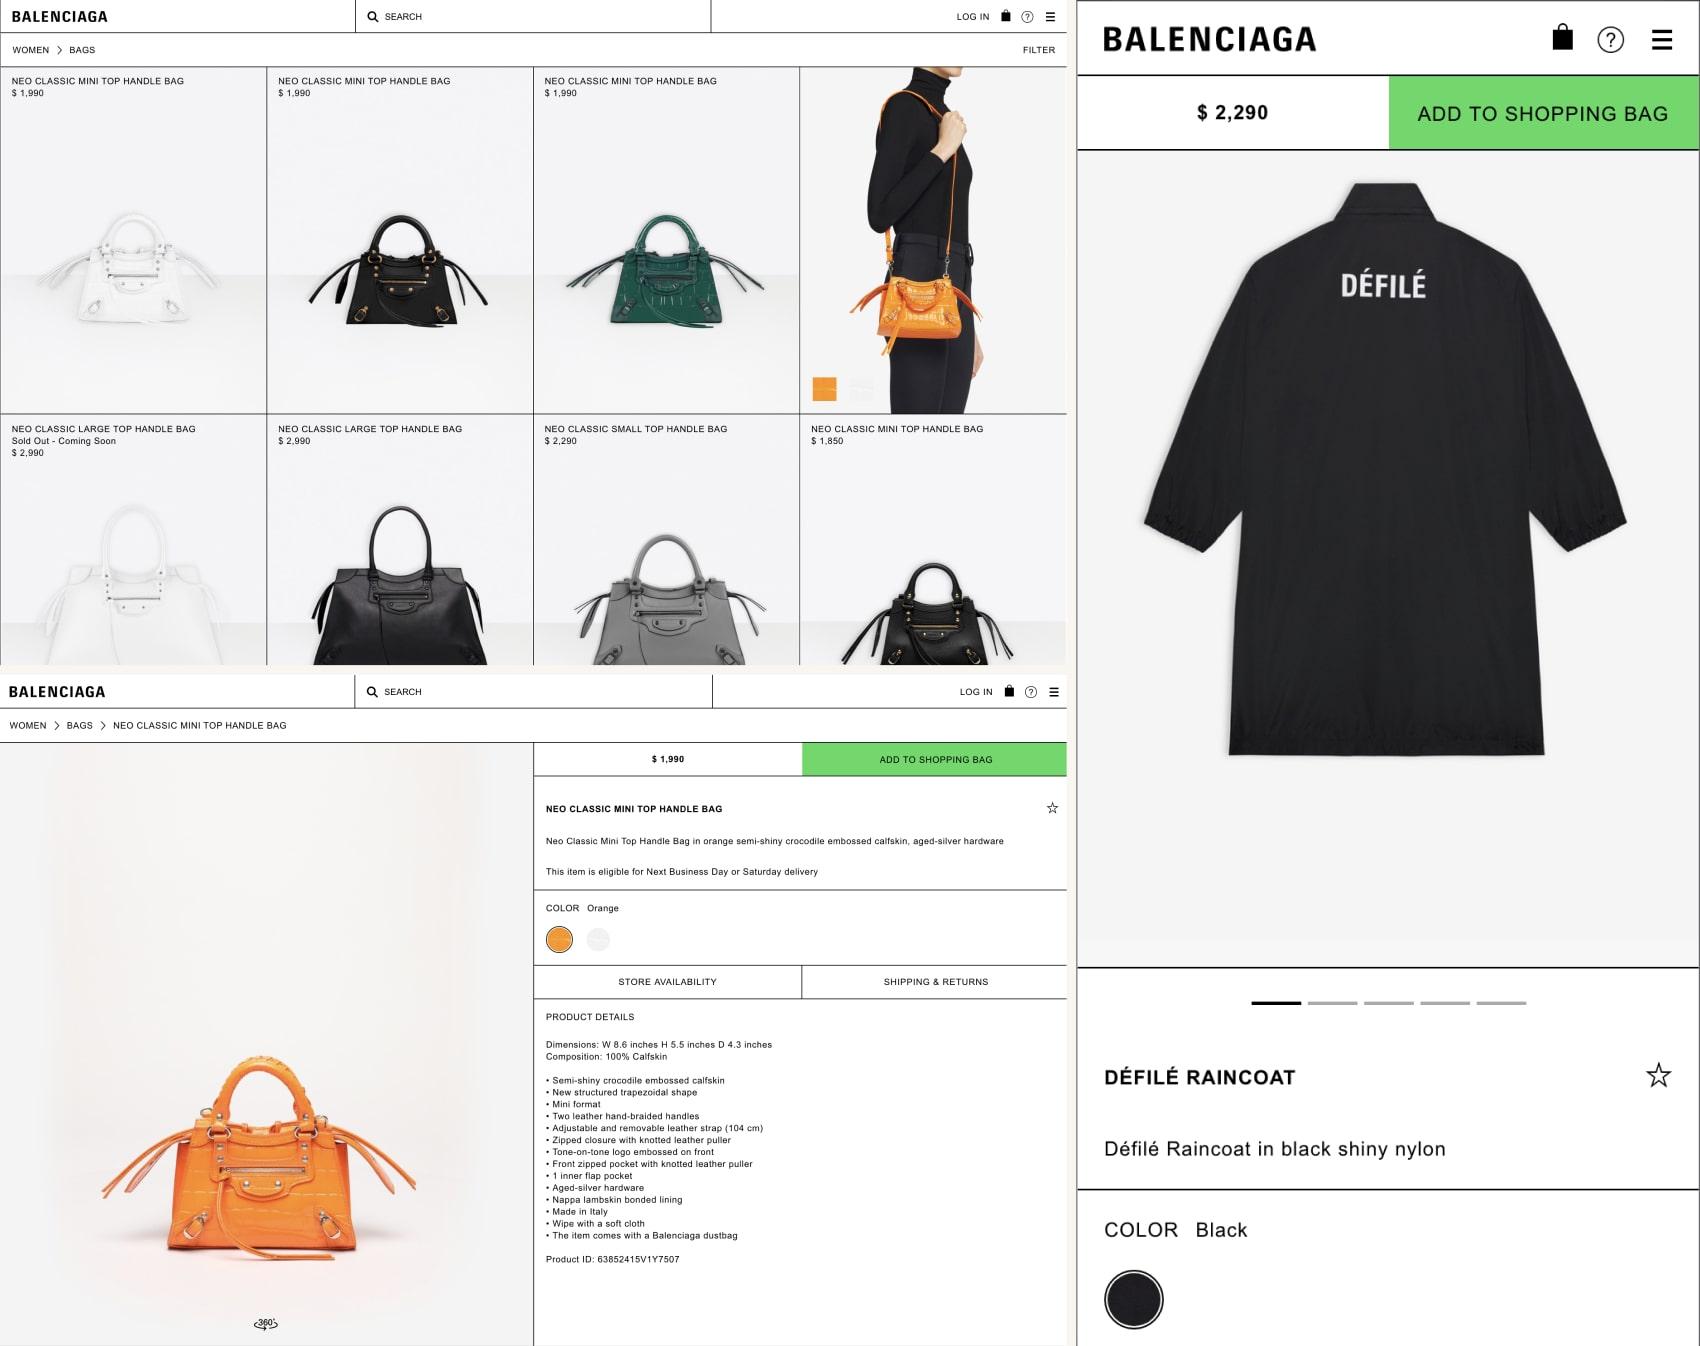 дизайн интернет магазина balenciaga.com